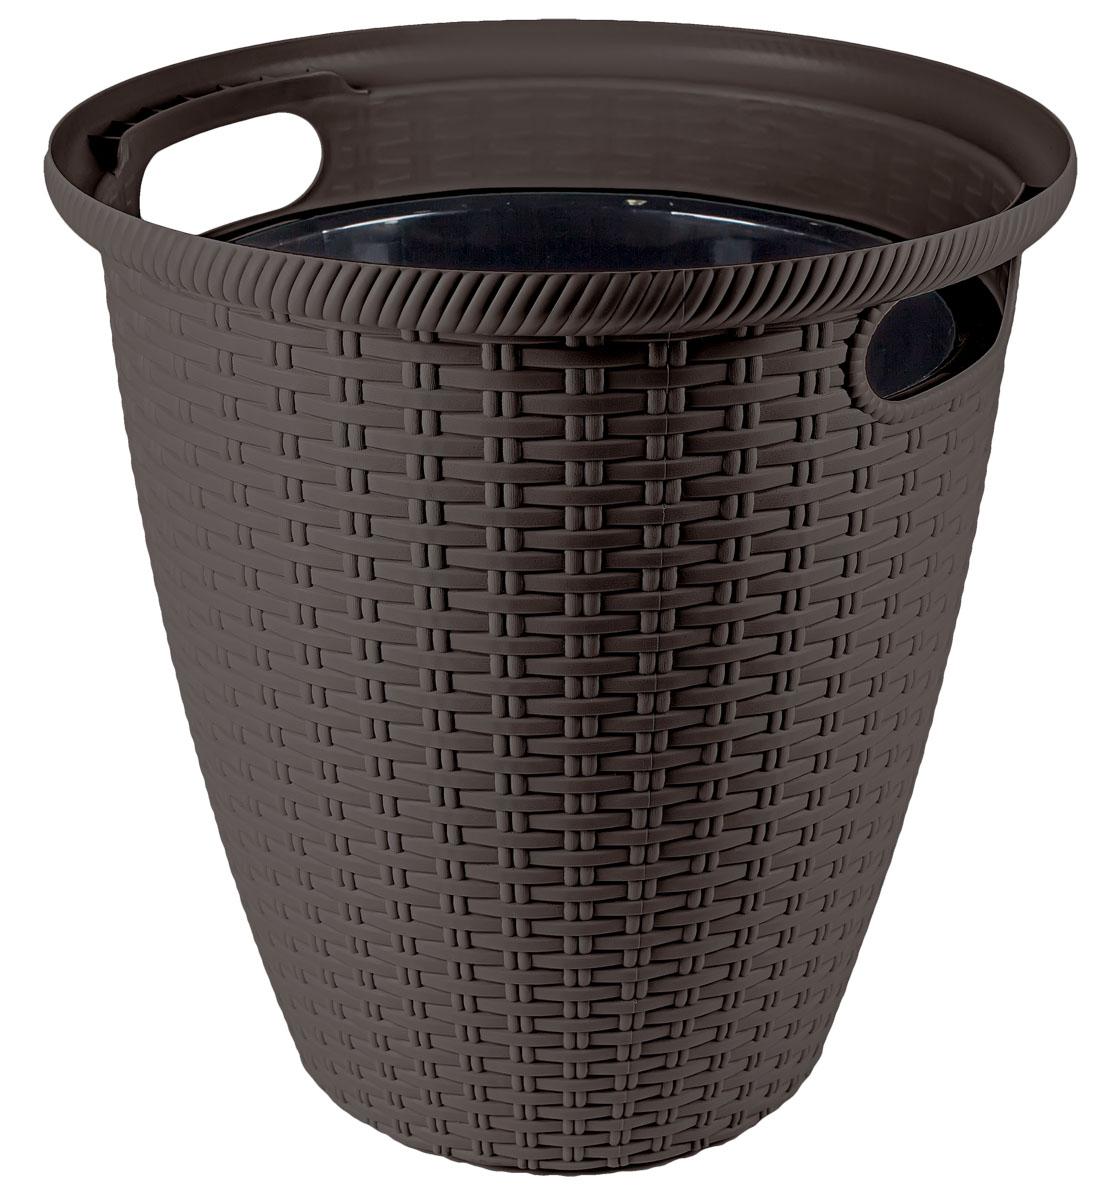 Кашпо InGreen Ротанг, напольное, цвет: венге, диаметр 38 см531-401Кашпо InGreen Ротанг изготовлено из высококачественного пластика с плетеной текстурой. Такое кашпо прекрасно подойдет для выращивания растений и цветов в домашних условиях. Лаконичный дизайн впишется в интерьер любого помещения. Размер кашпо: 38 х 38 х 37,8 см.